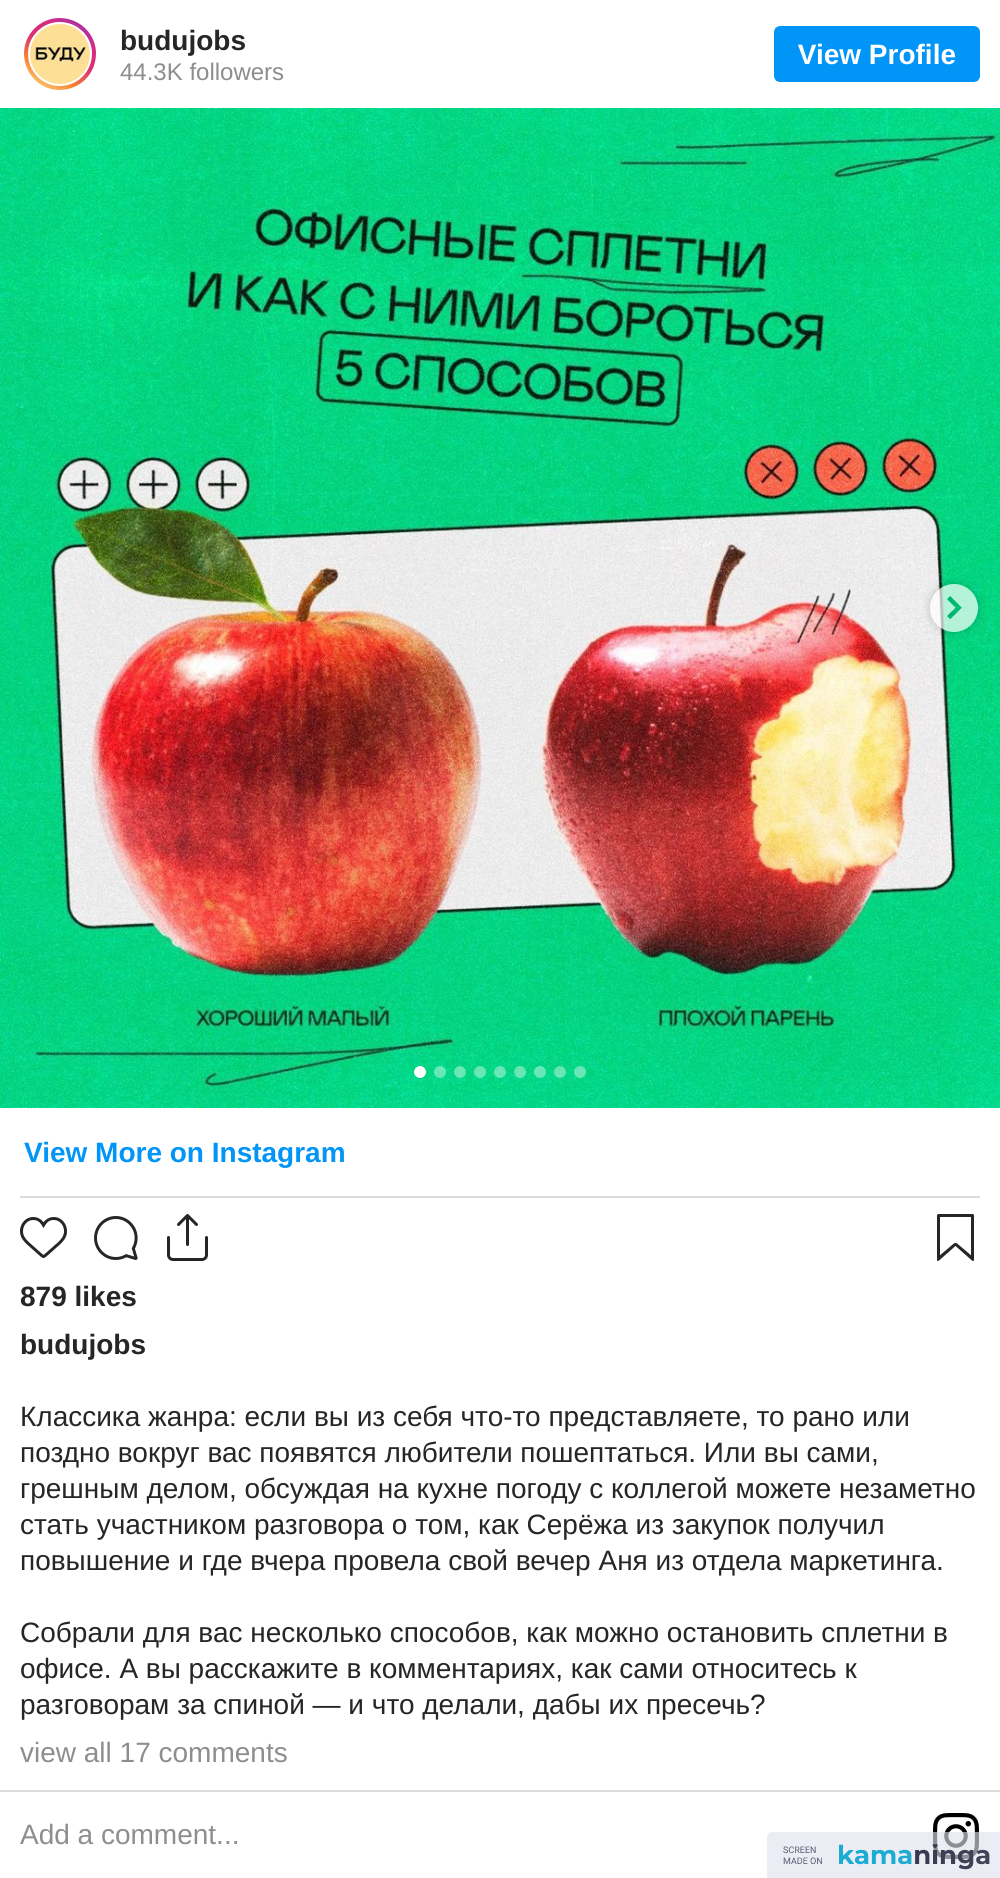 https://www.instagram.com/p/CPn4p9cH9_M/